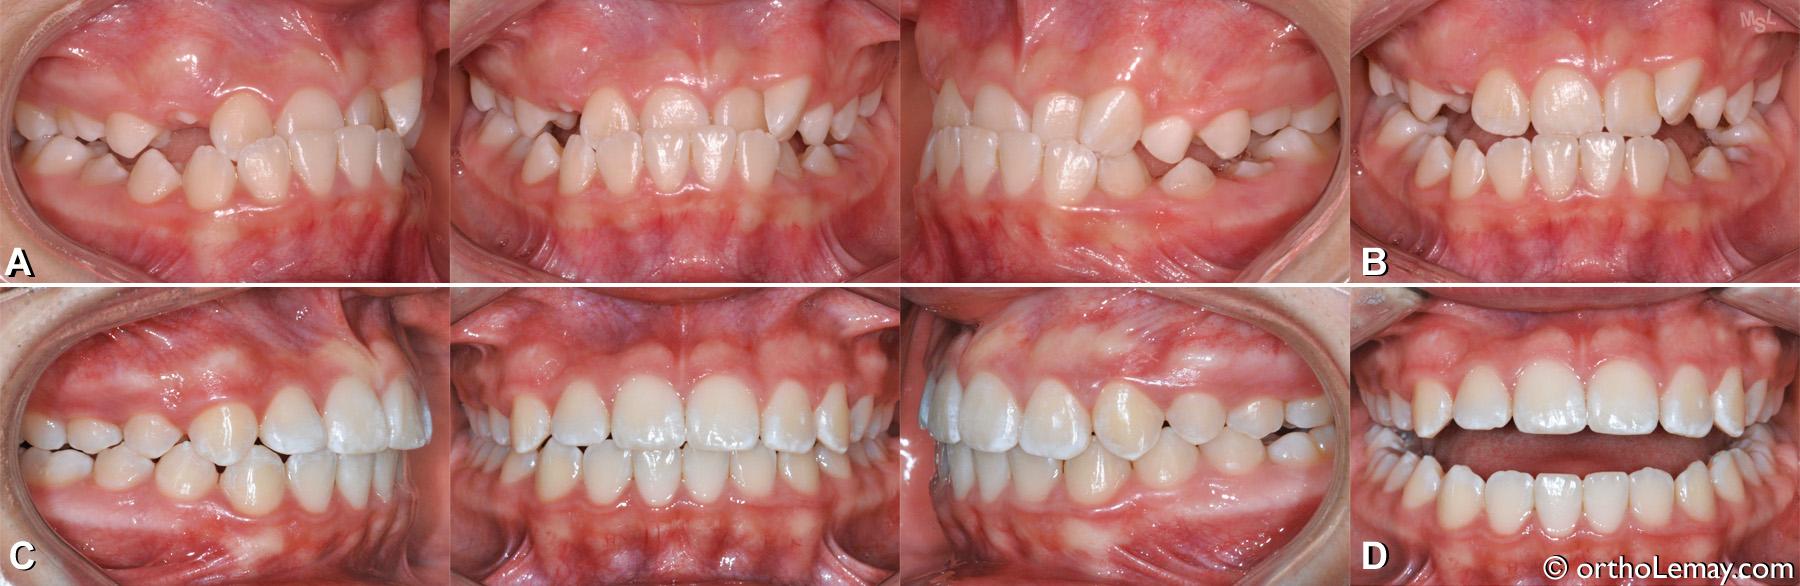 Malocclusion dentaire classe 3 avec occlusion croisée antérieure et glissement fonctionnel. (Funtional shift)